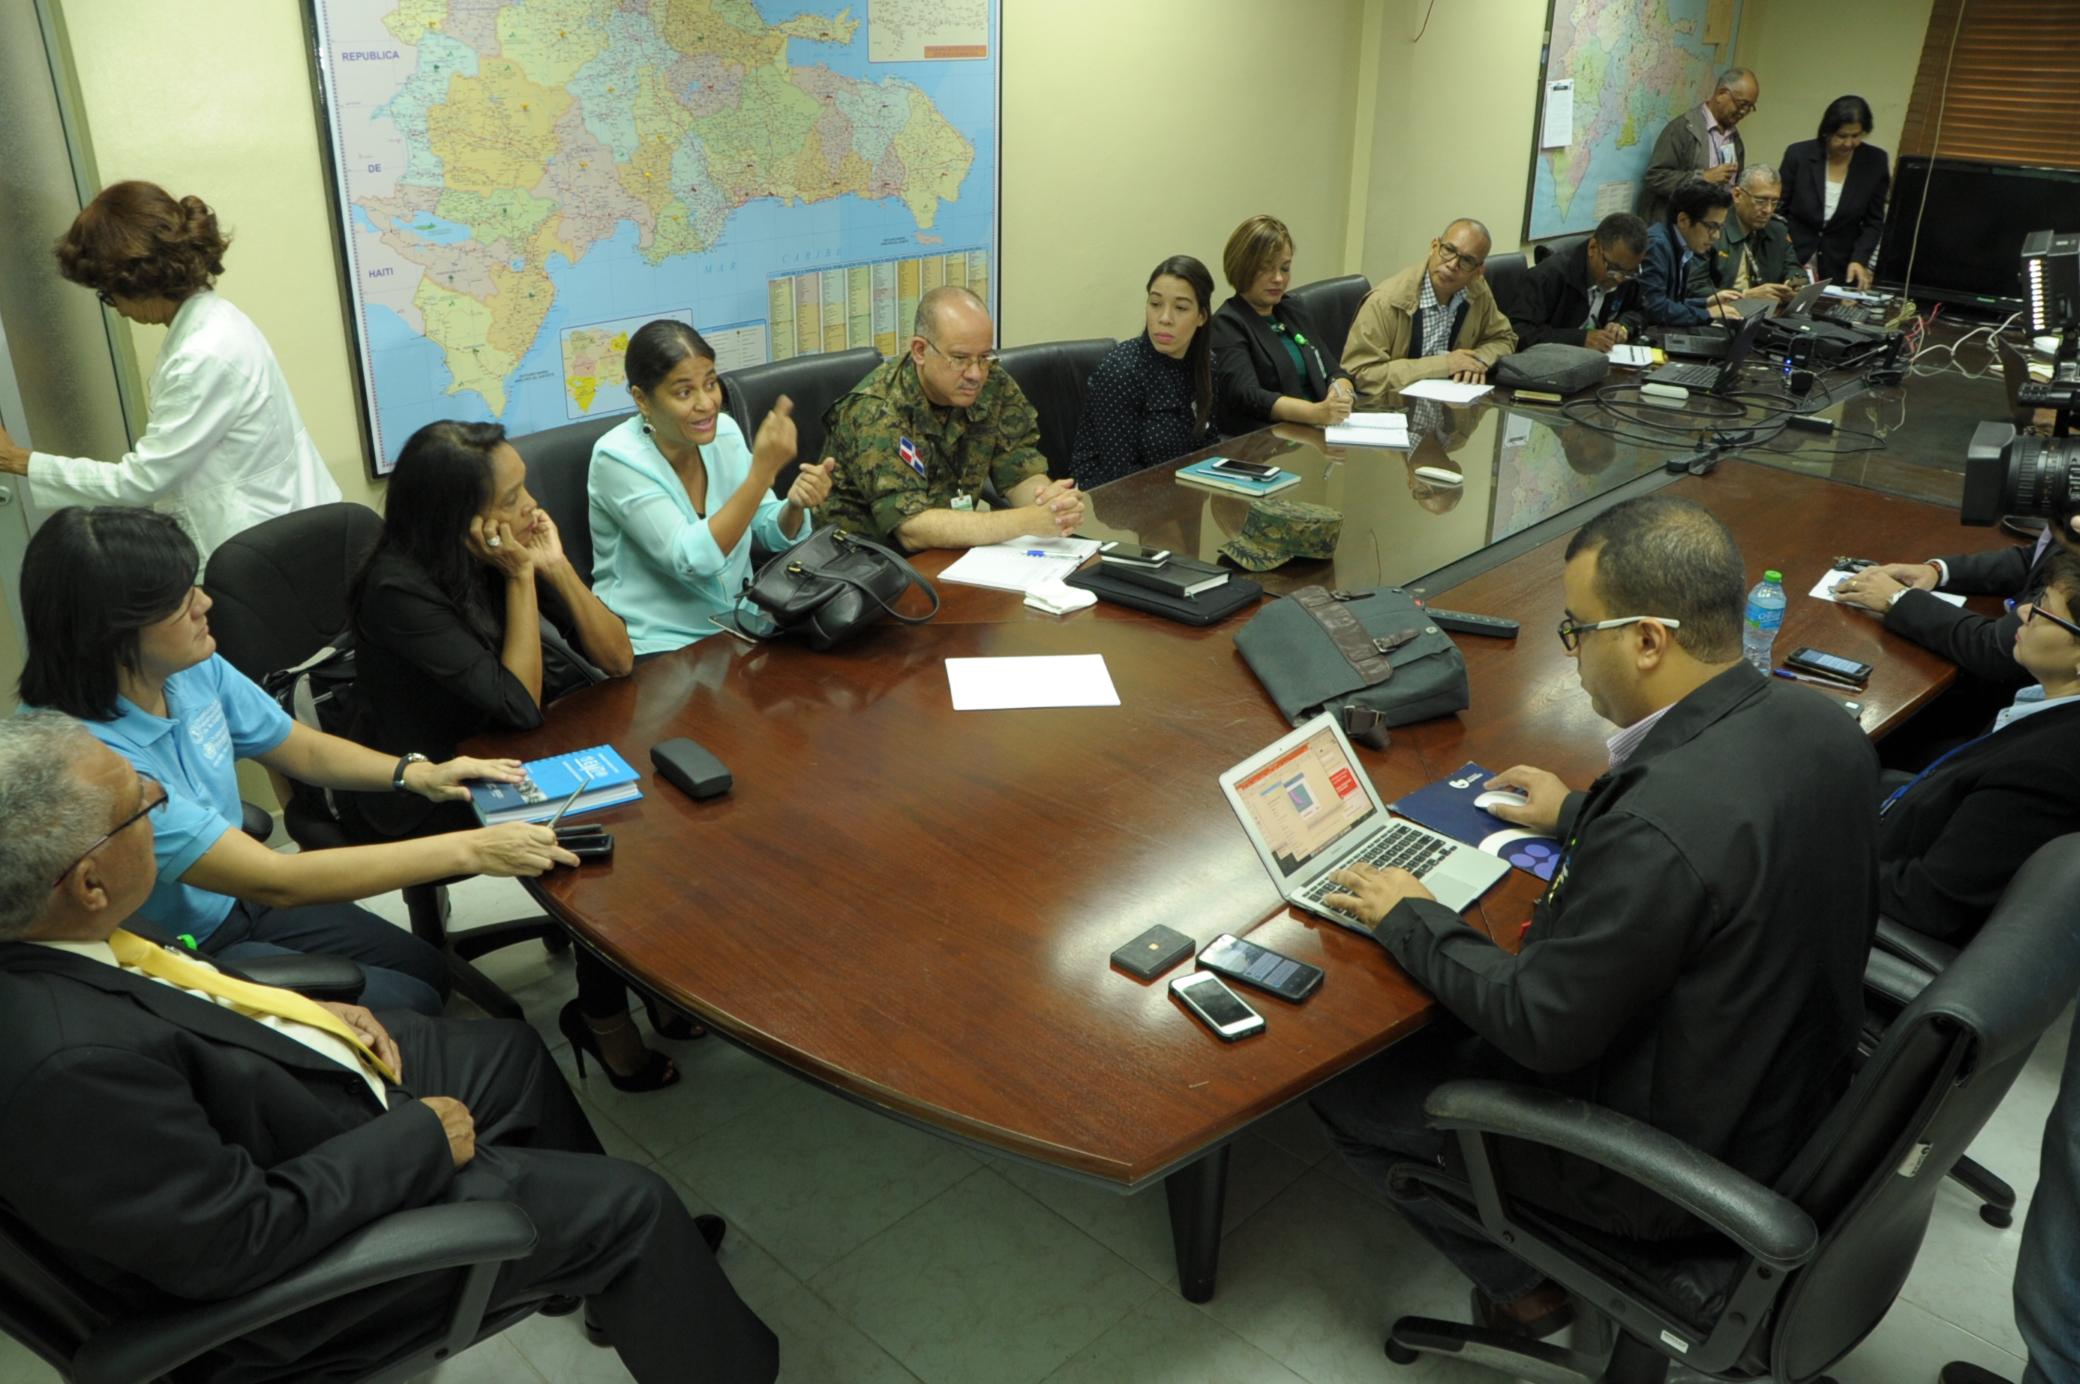 MS dispone últimas informaciones huracán; prepara respuesta y vigila condiciones albergues